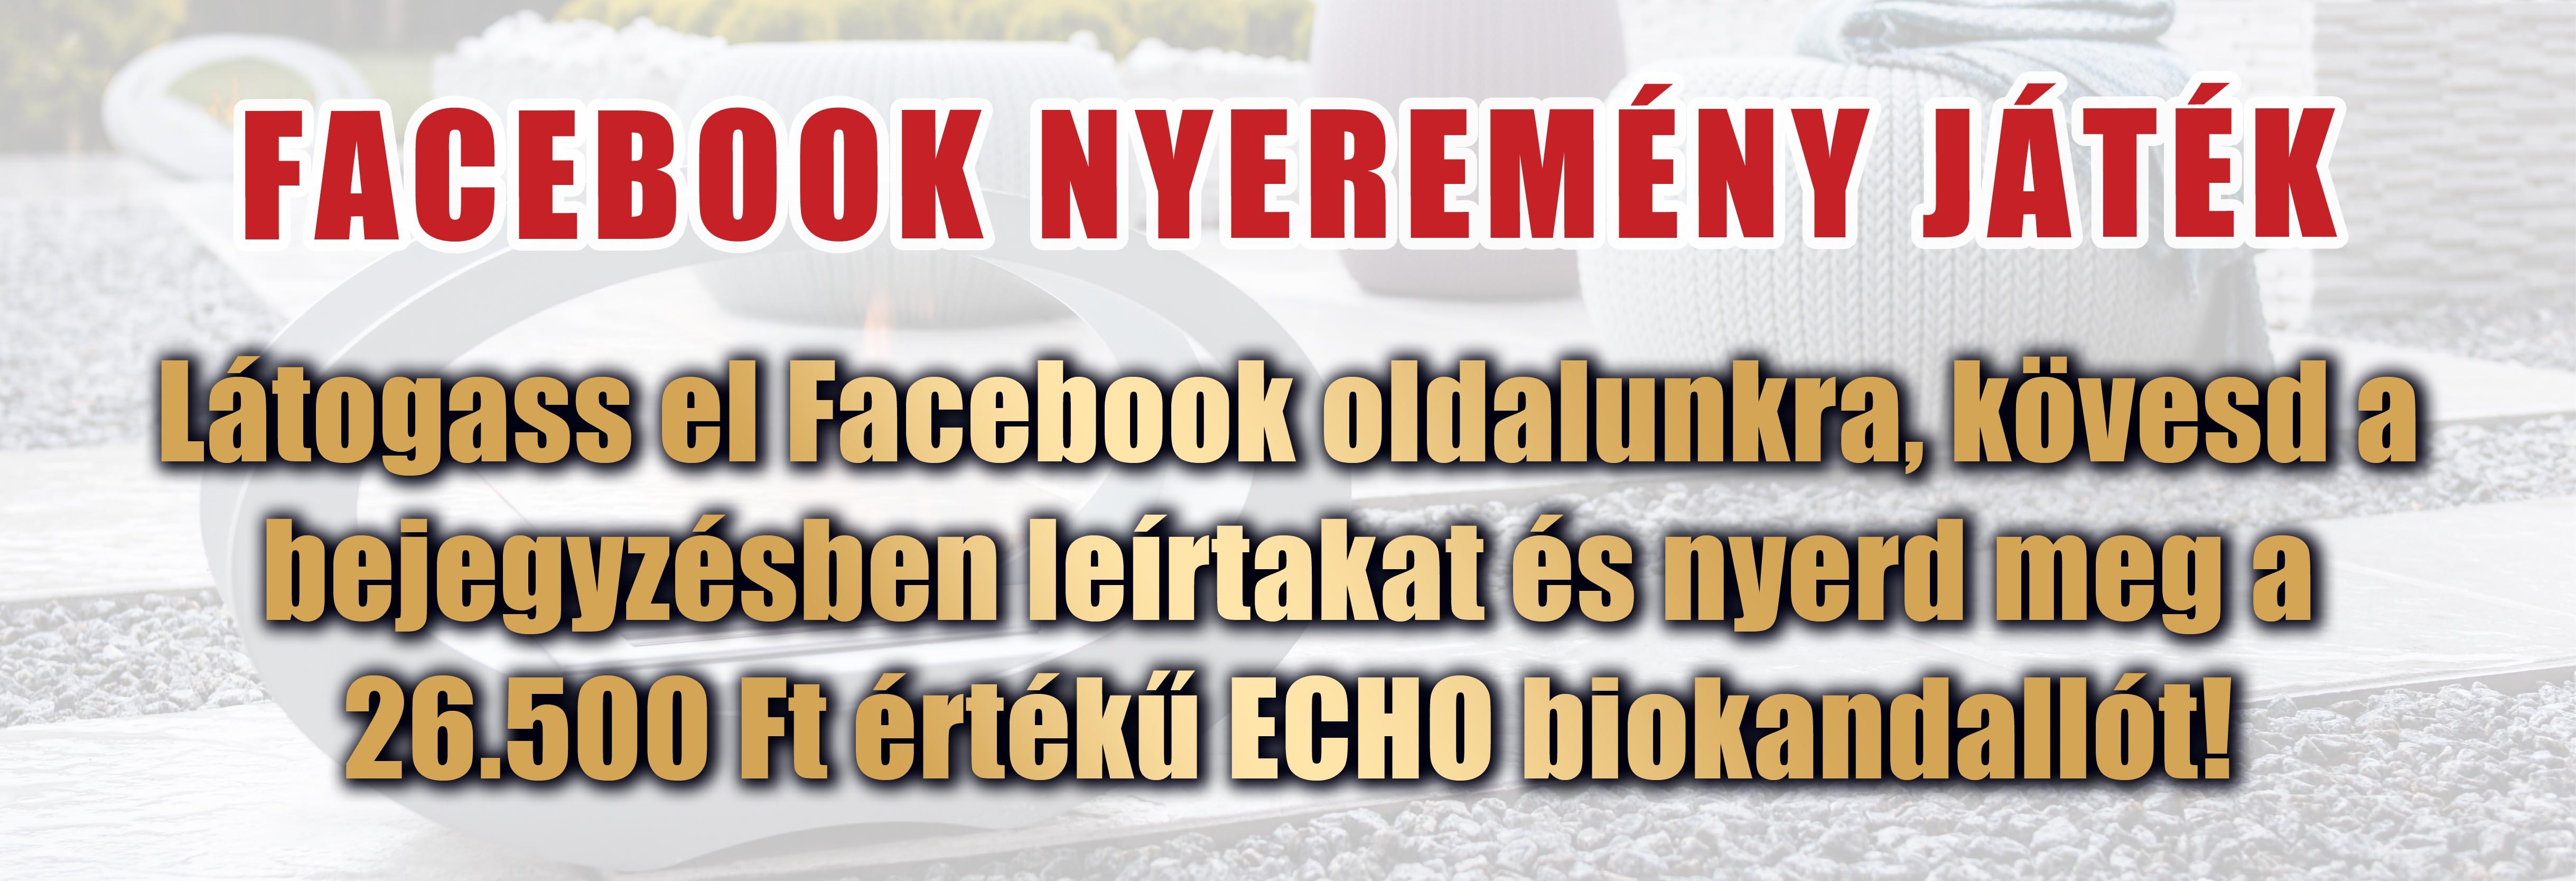 Facebook Játék